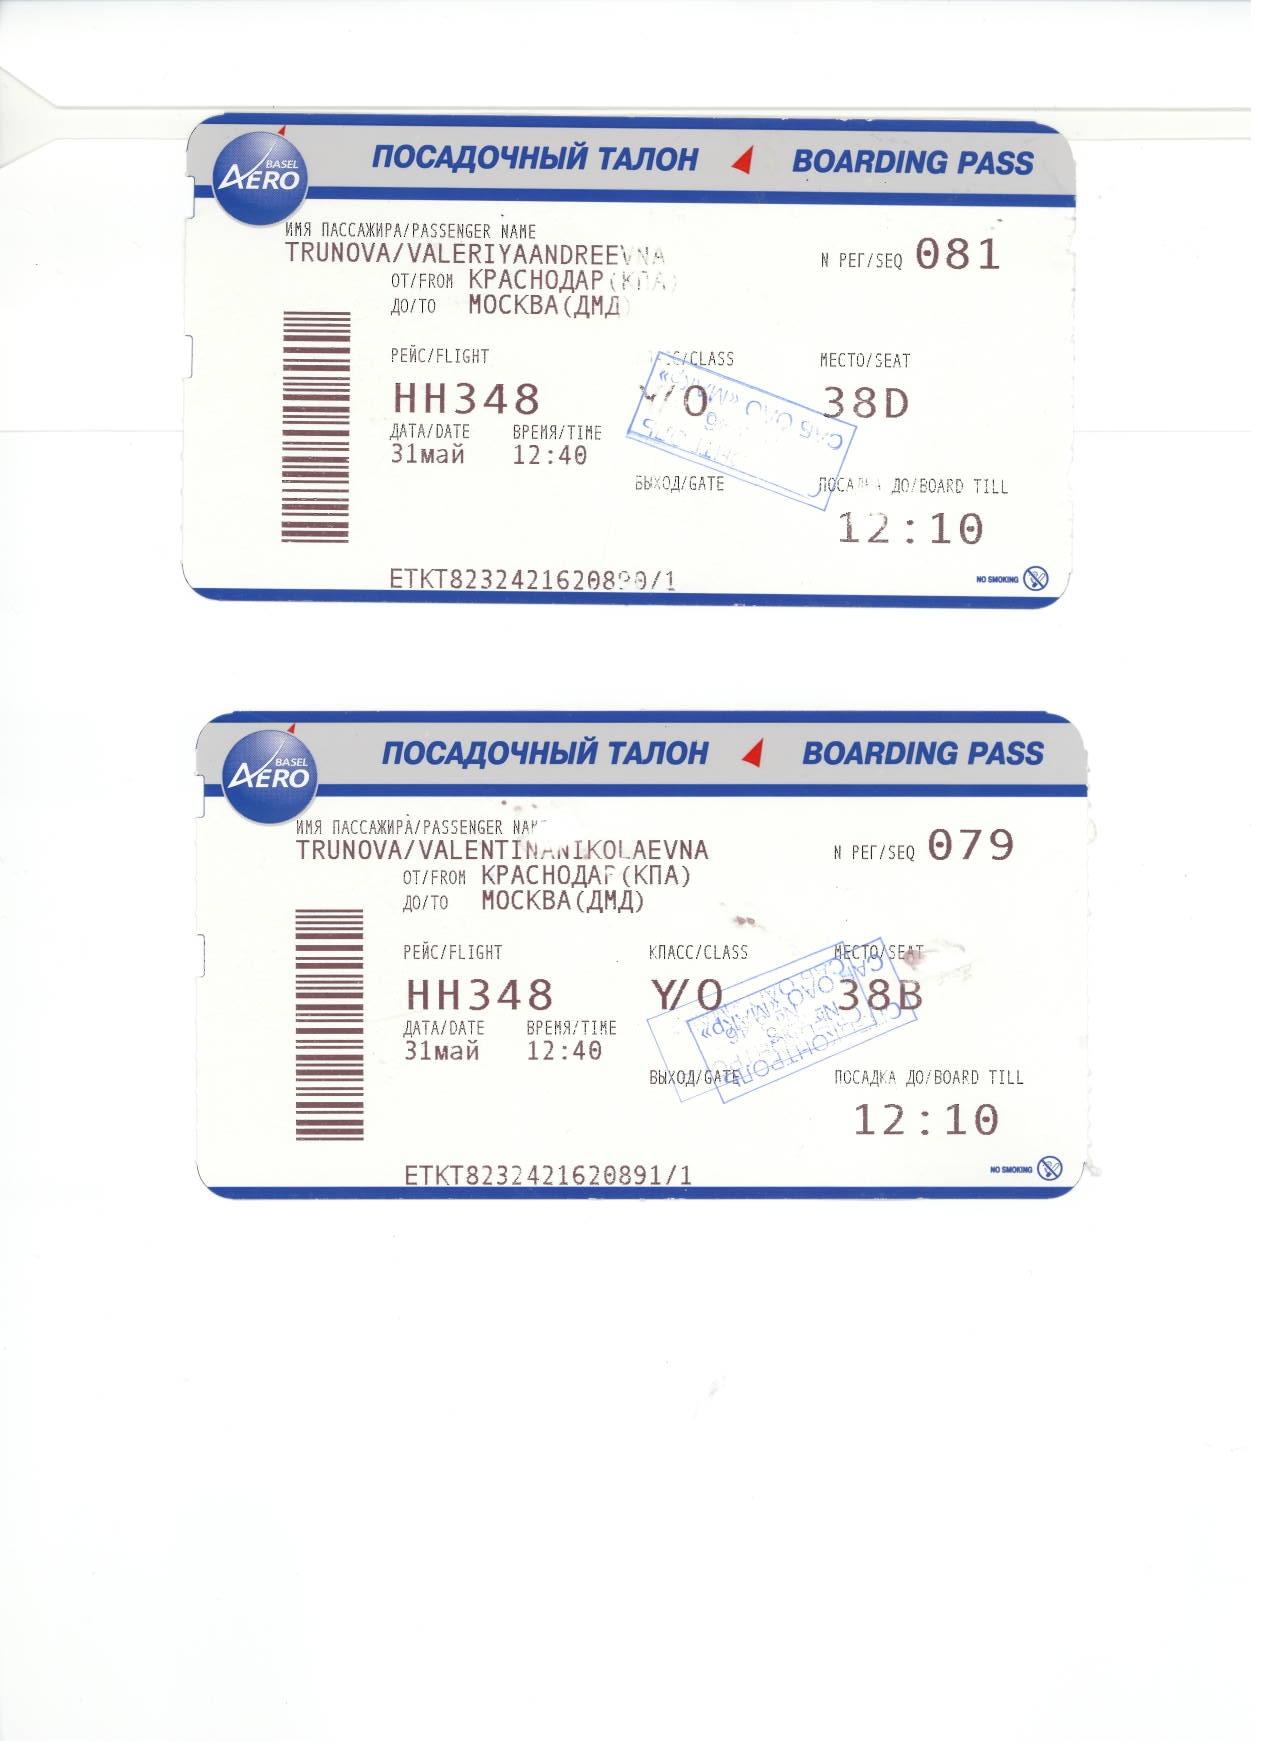 Посадочные талоны по маршруту Краснодар - Москва часть первая